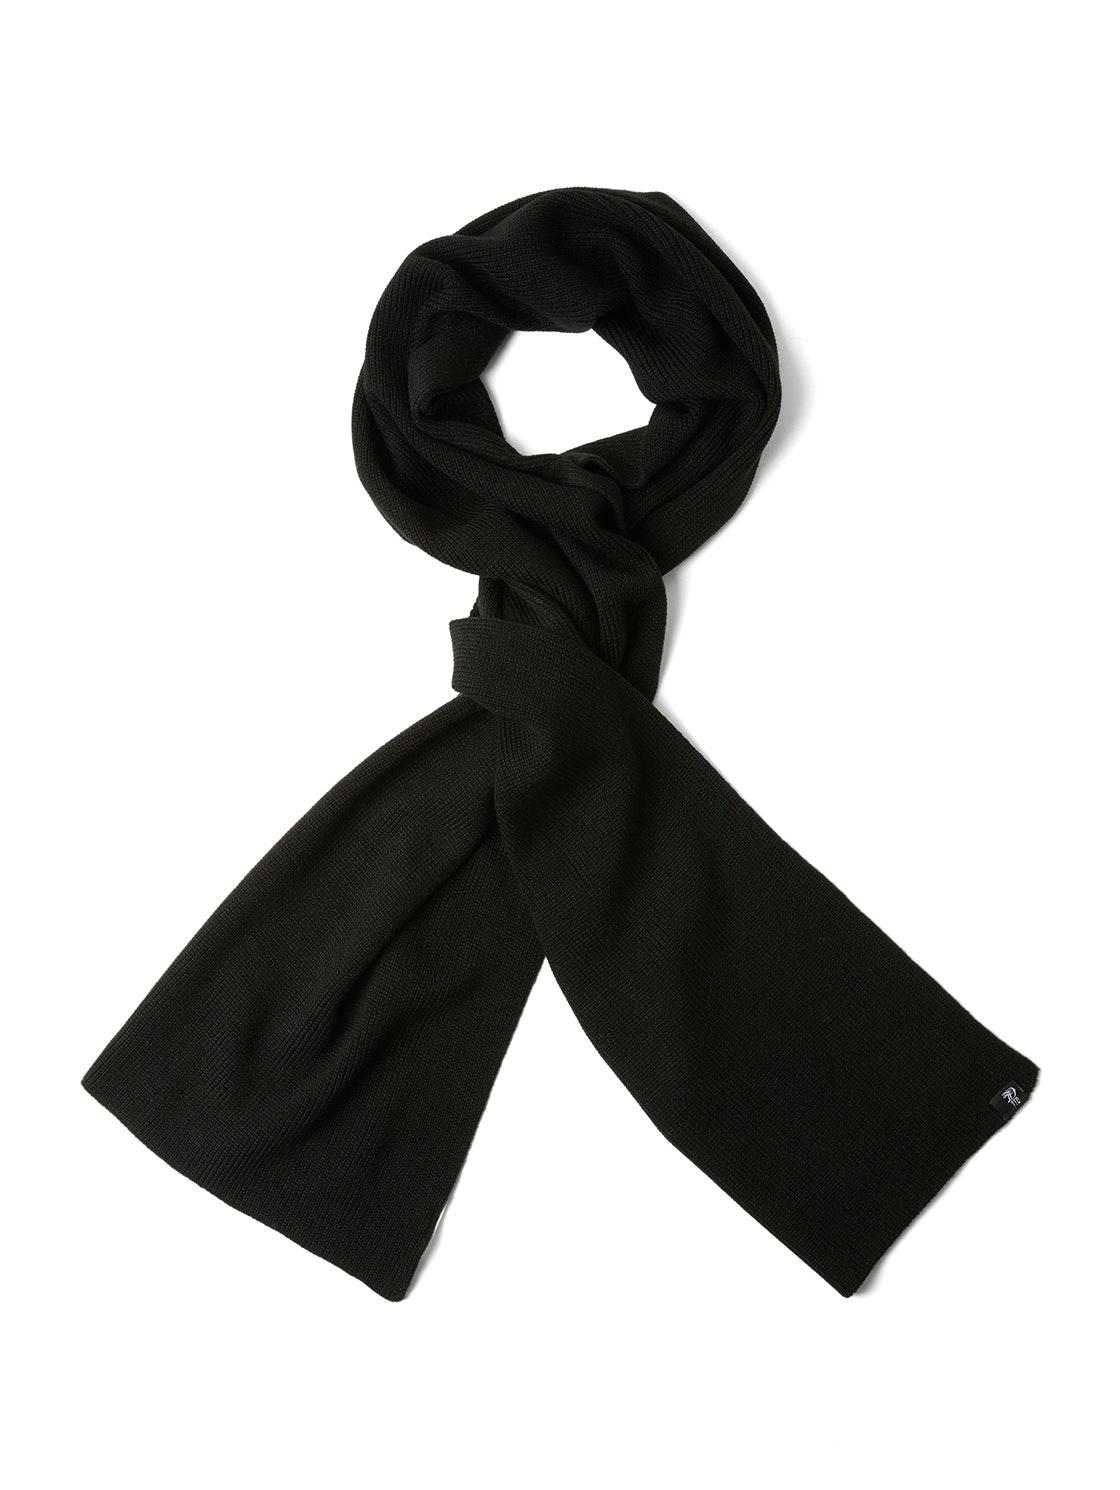 basic solid scarf, Black                         Grey,